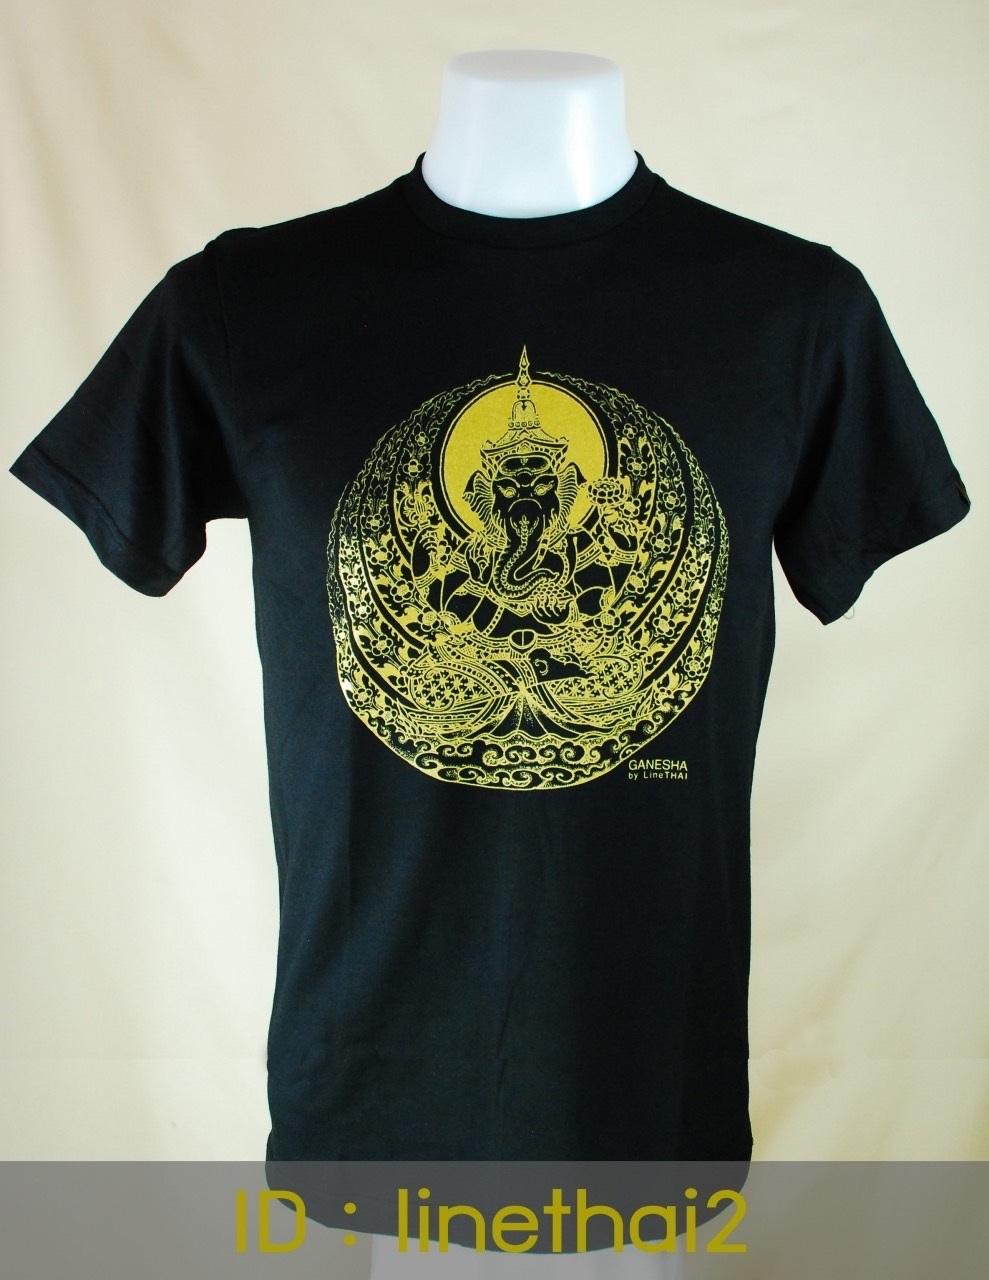 เสื้อลายไทย Linethai T-shirt จำหน่ายเสื้อลายไทย ลายพิฆเนศวร (Line Ganesha)